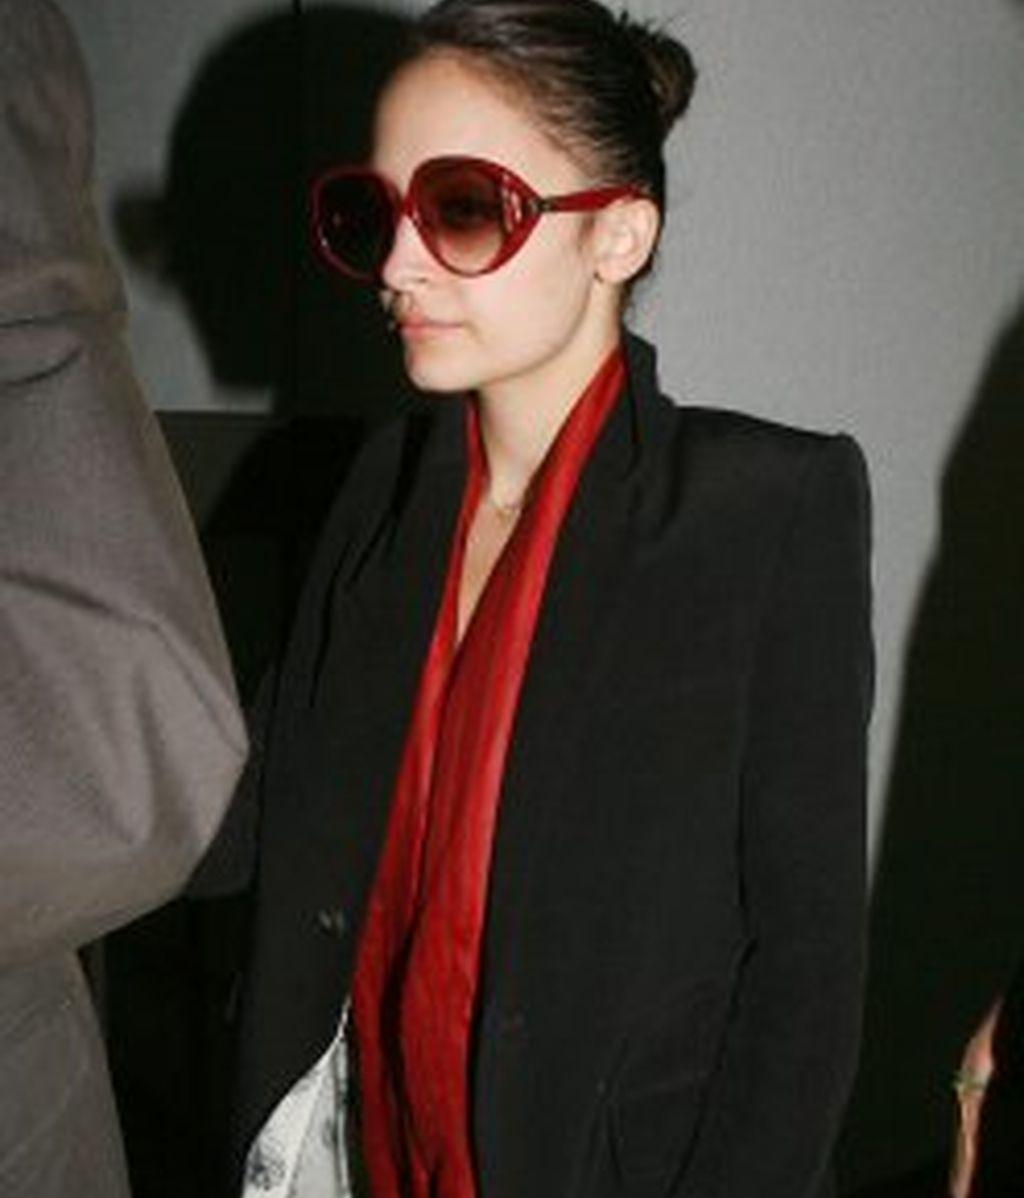 Dilema divinity: gafas de Nicole Richie sí o no